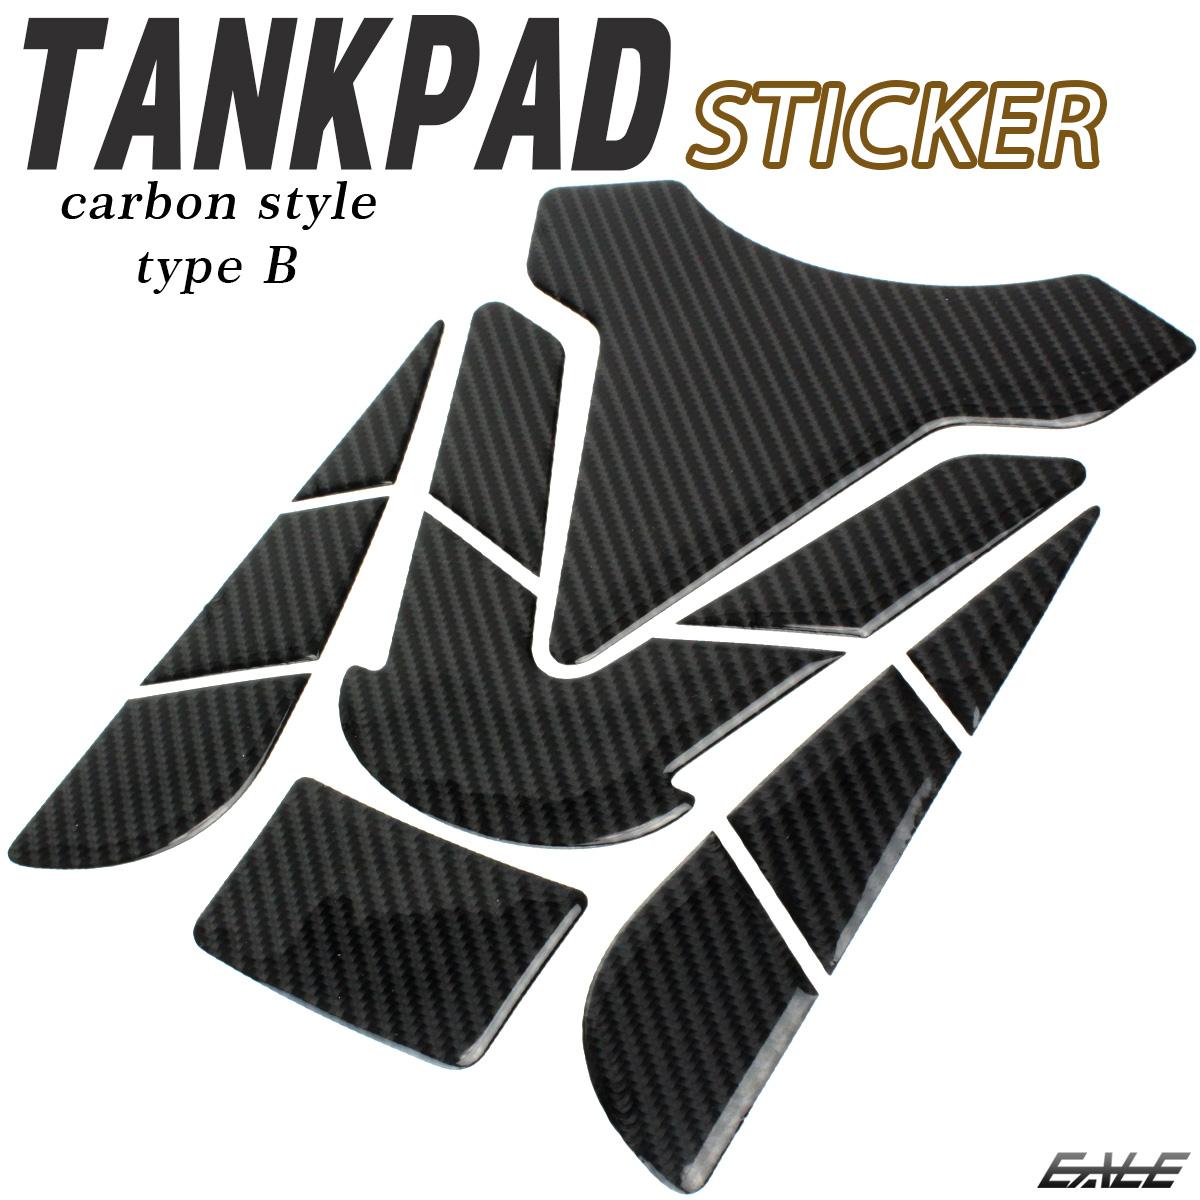 汎用 カーボン調 タンクパッド ステッカー 樹脂コート フューエルタンク キズ防止 ドレスアップに タイプB S-709-B